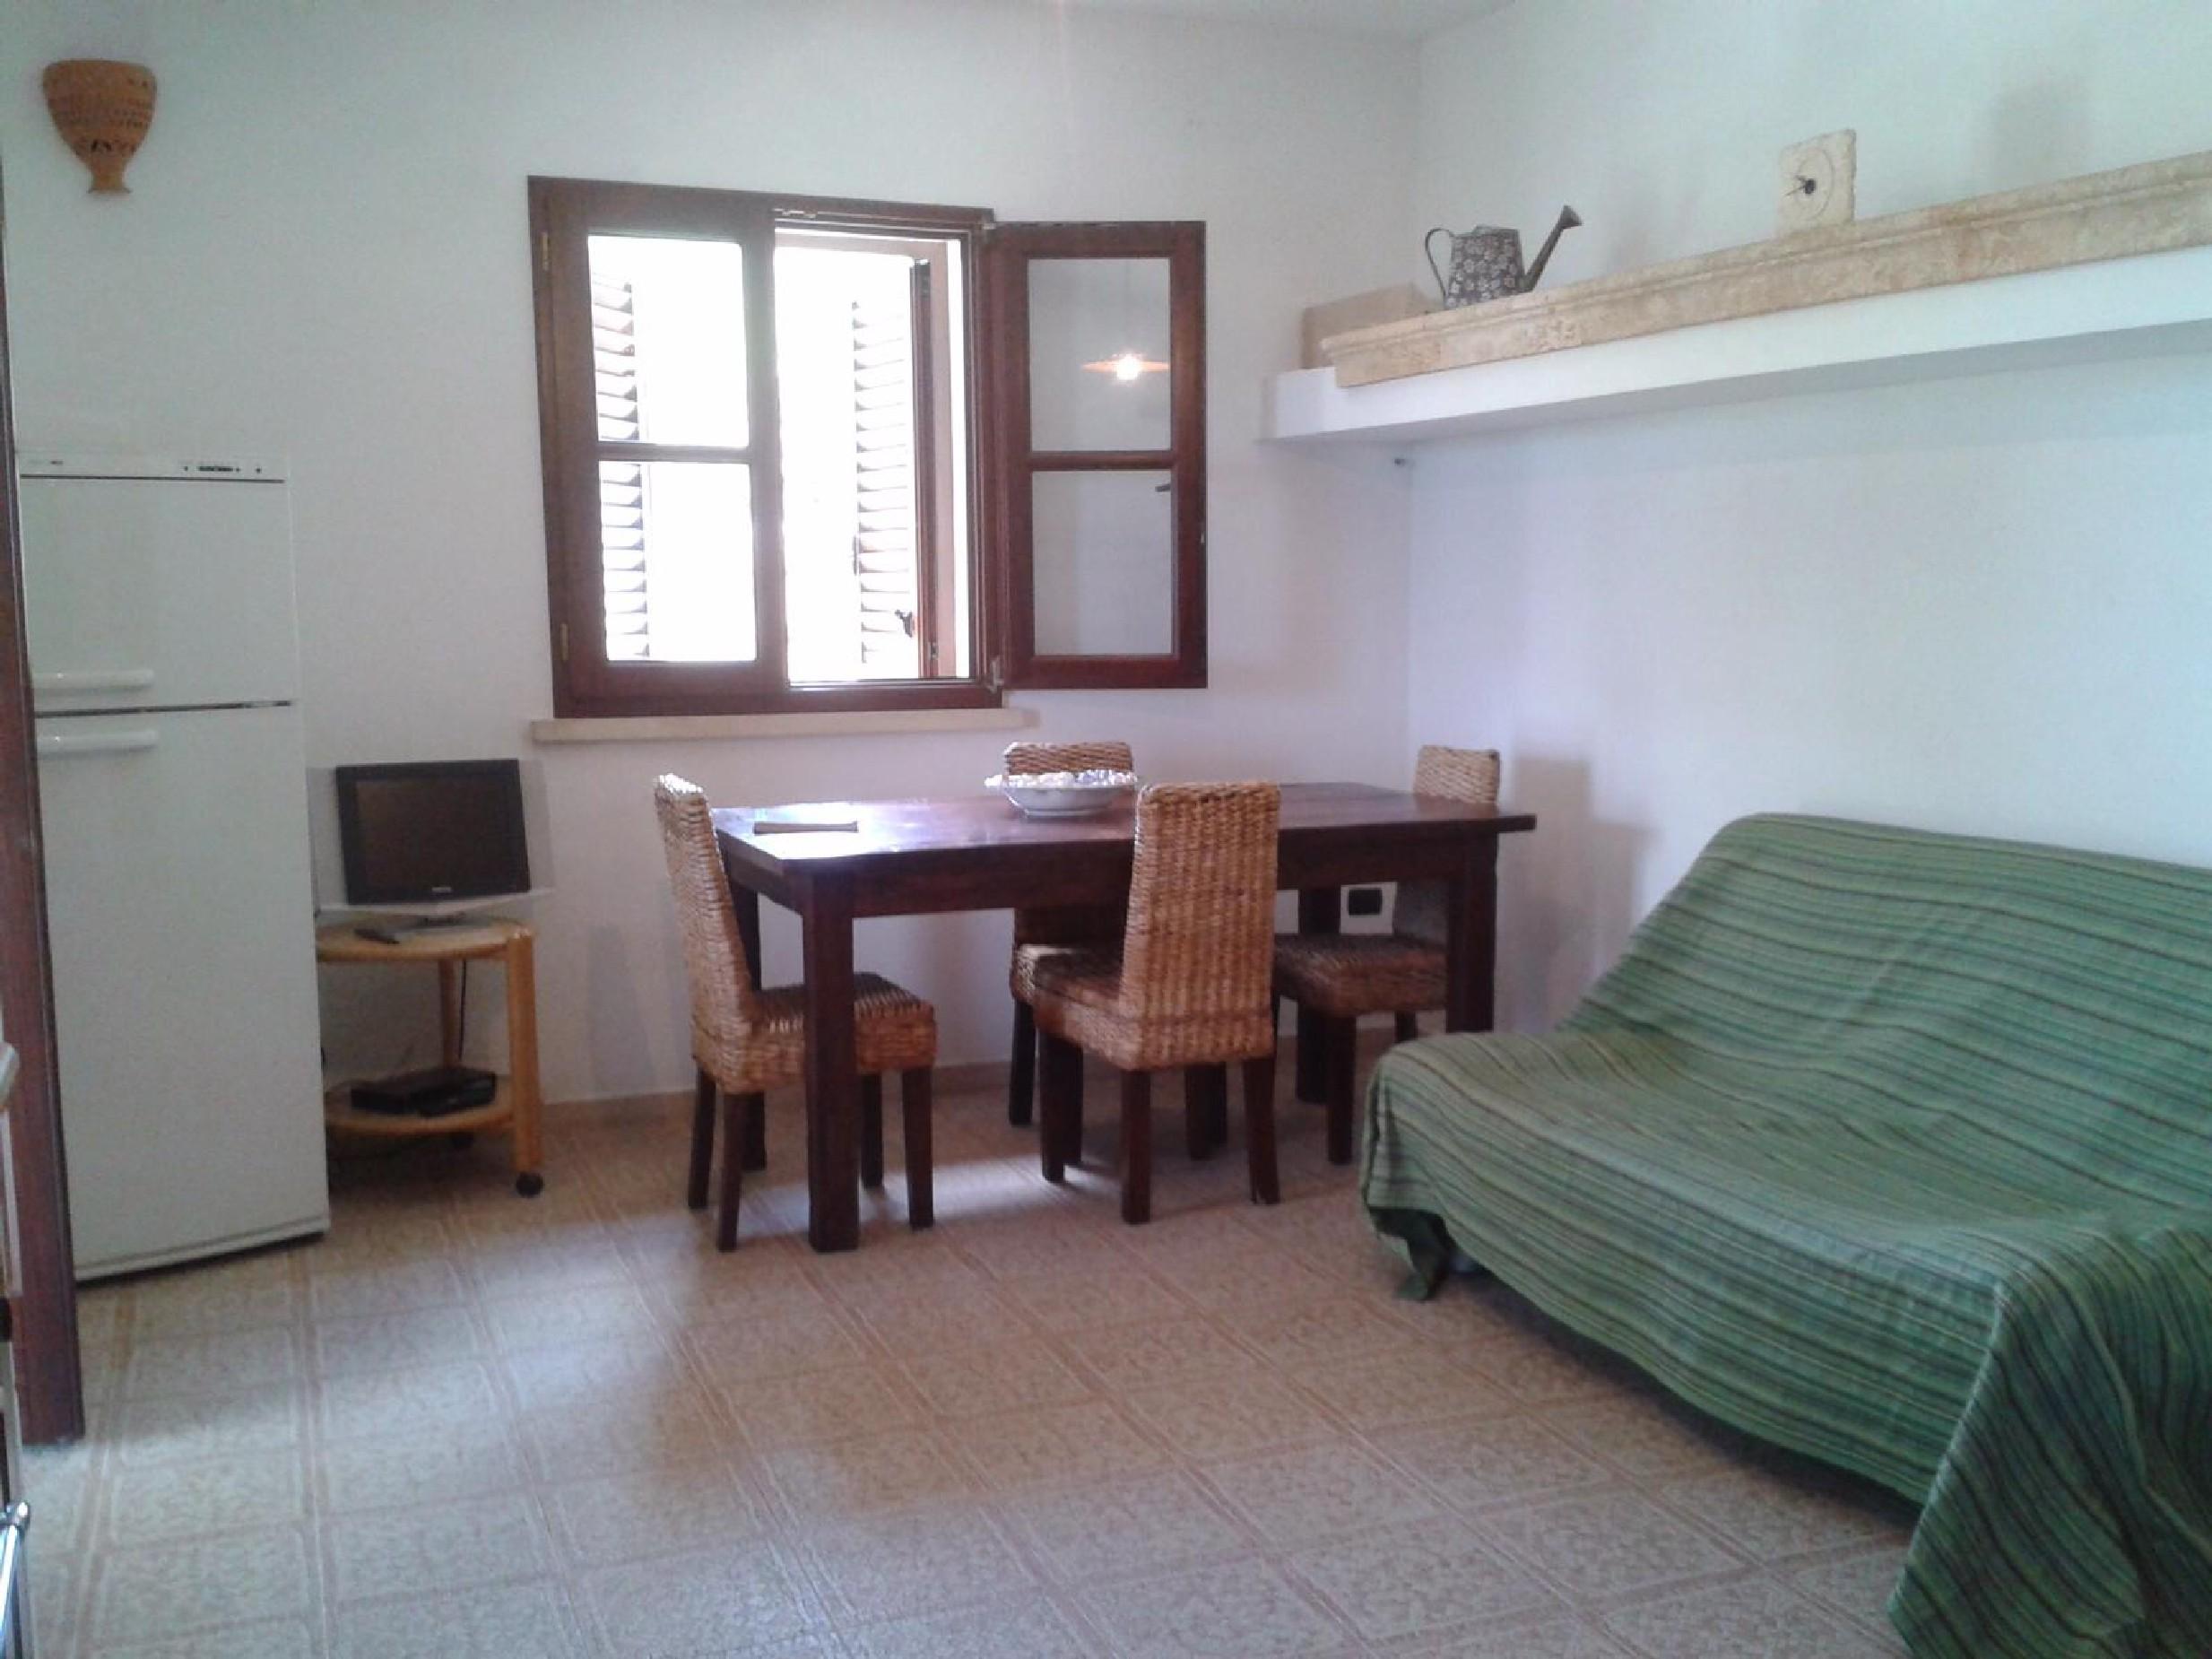 Apartment Mirto Sopra - casa in pietra sul mare photo 21137377